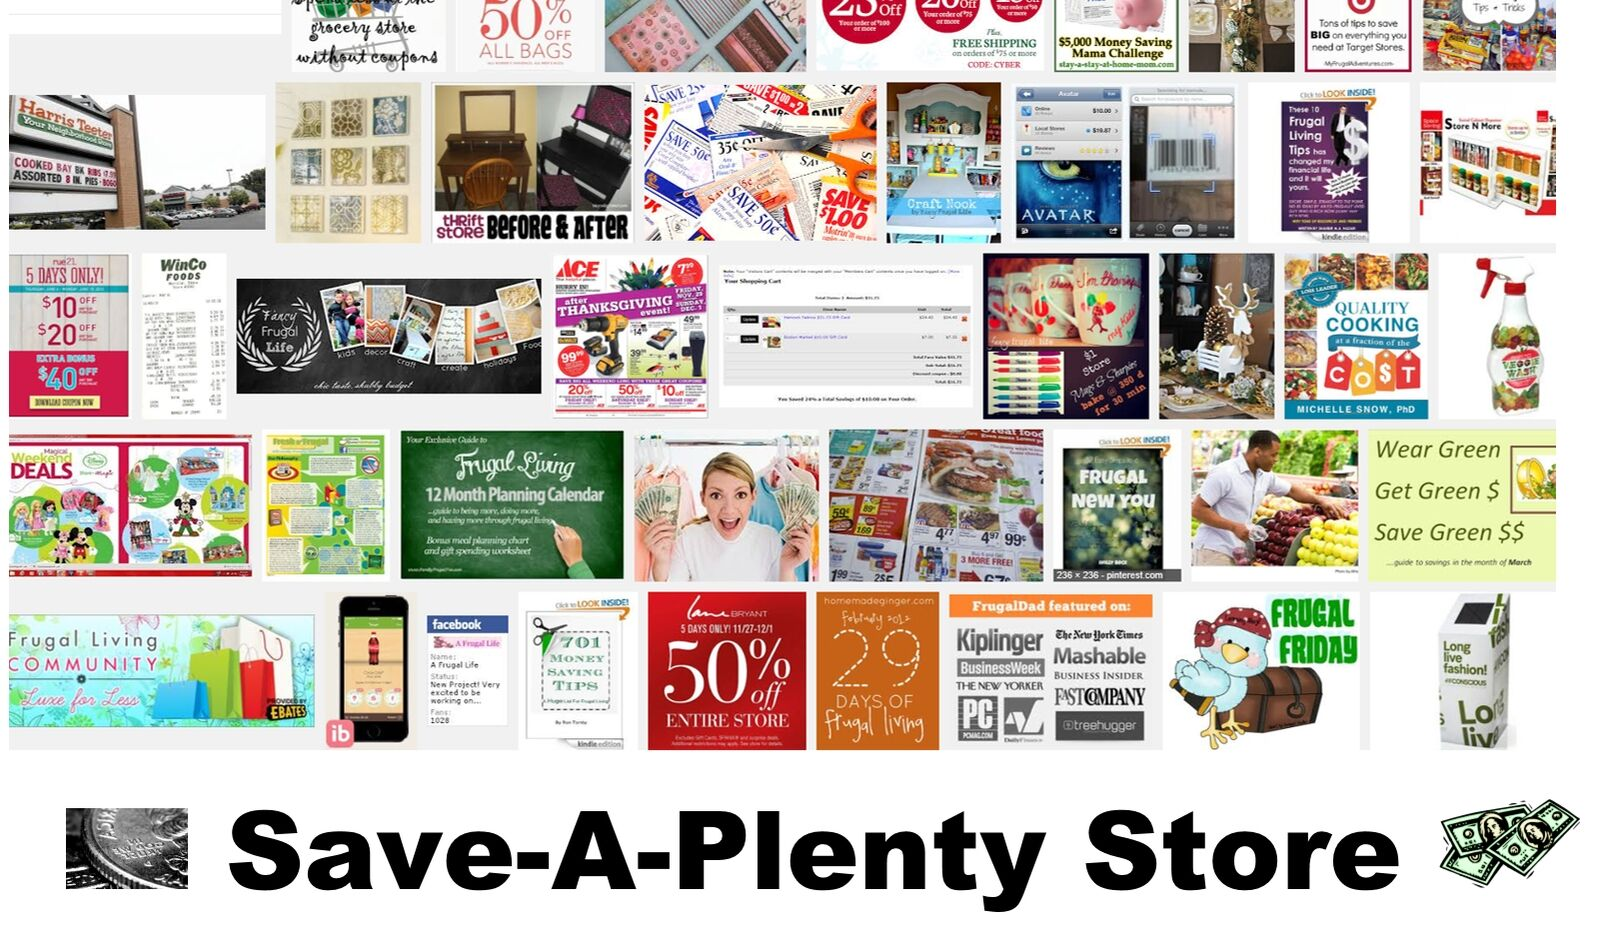 Save-A-Plenty Store